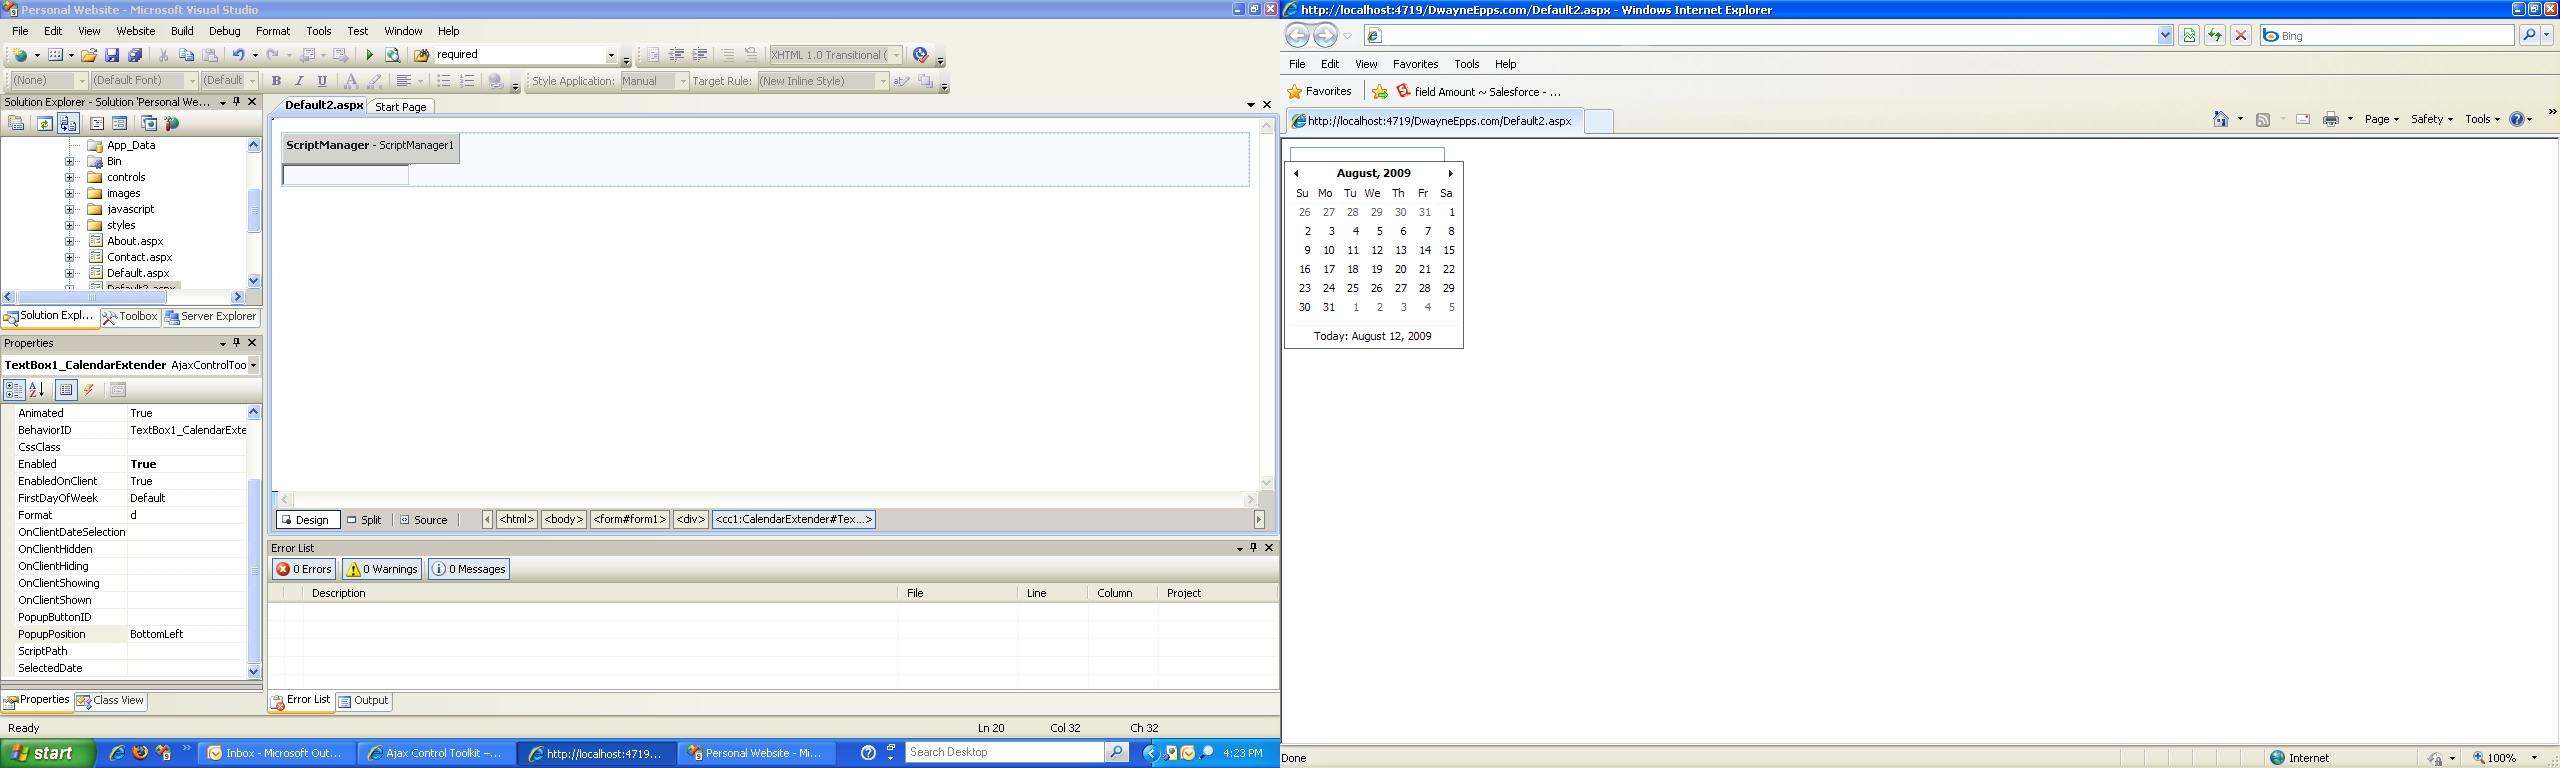 Calendar Extender Blank